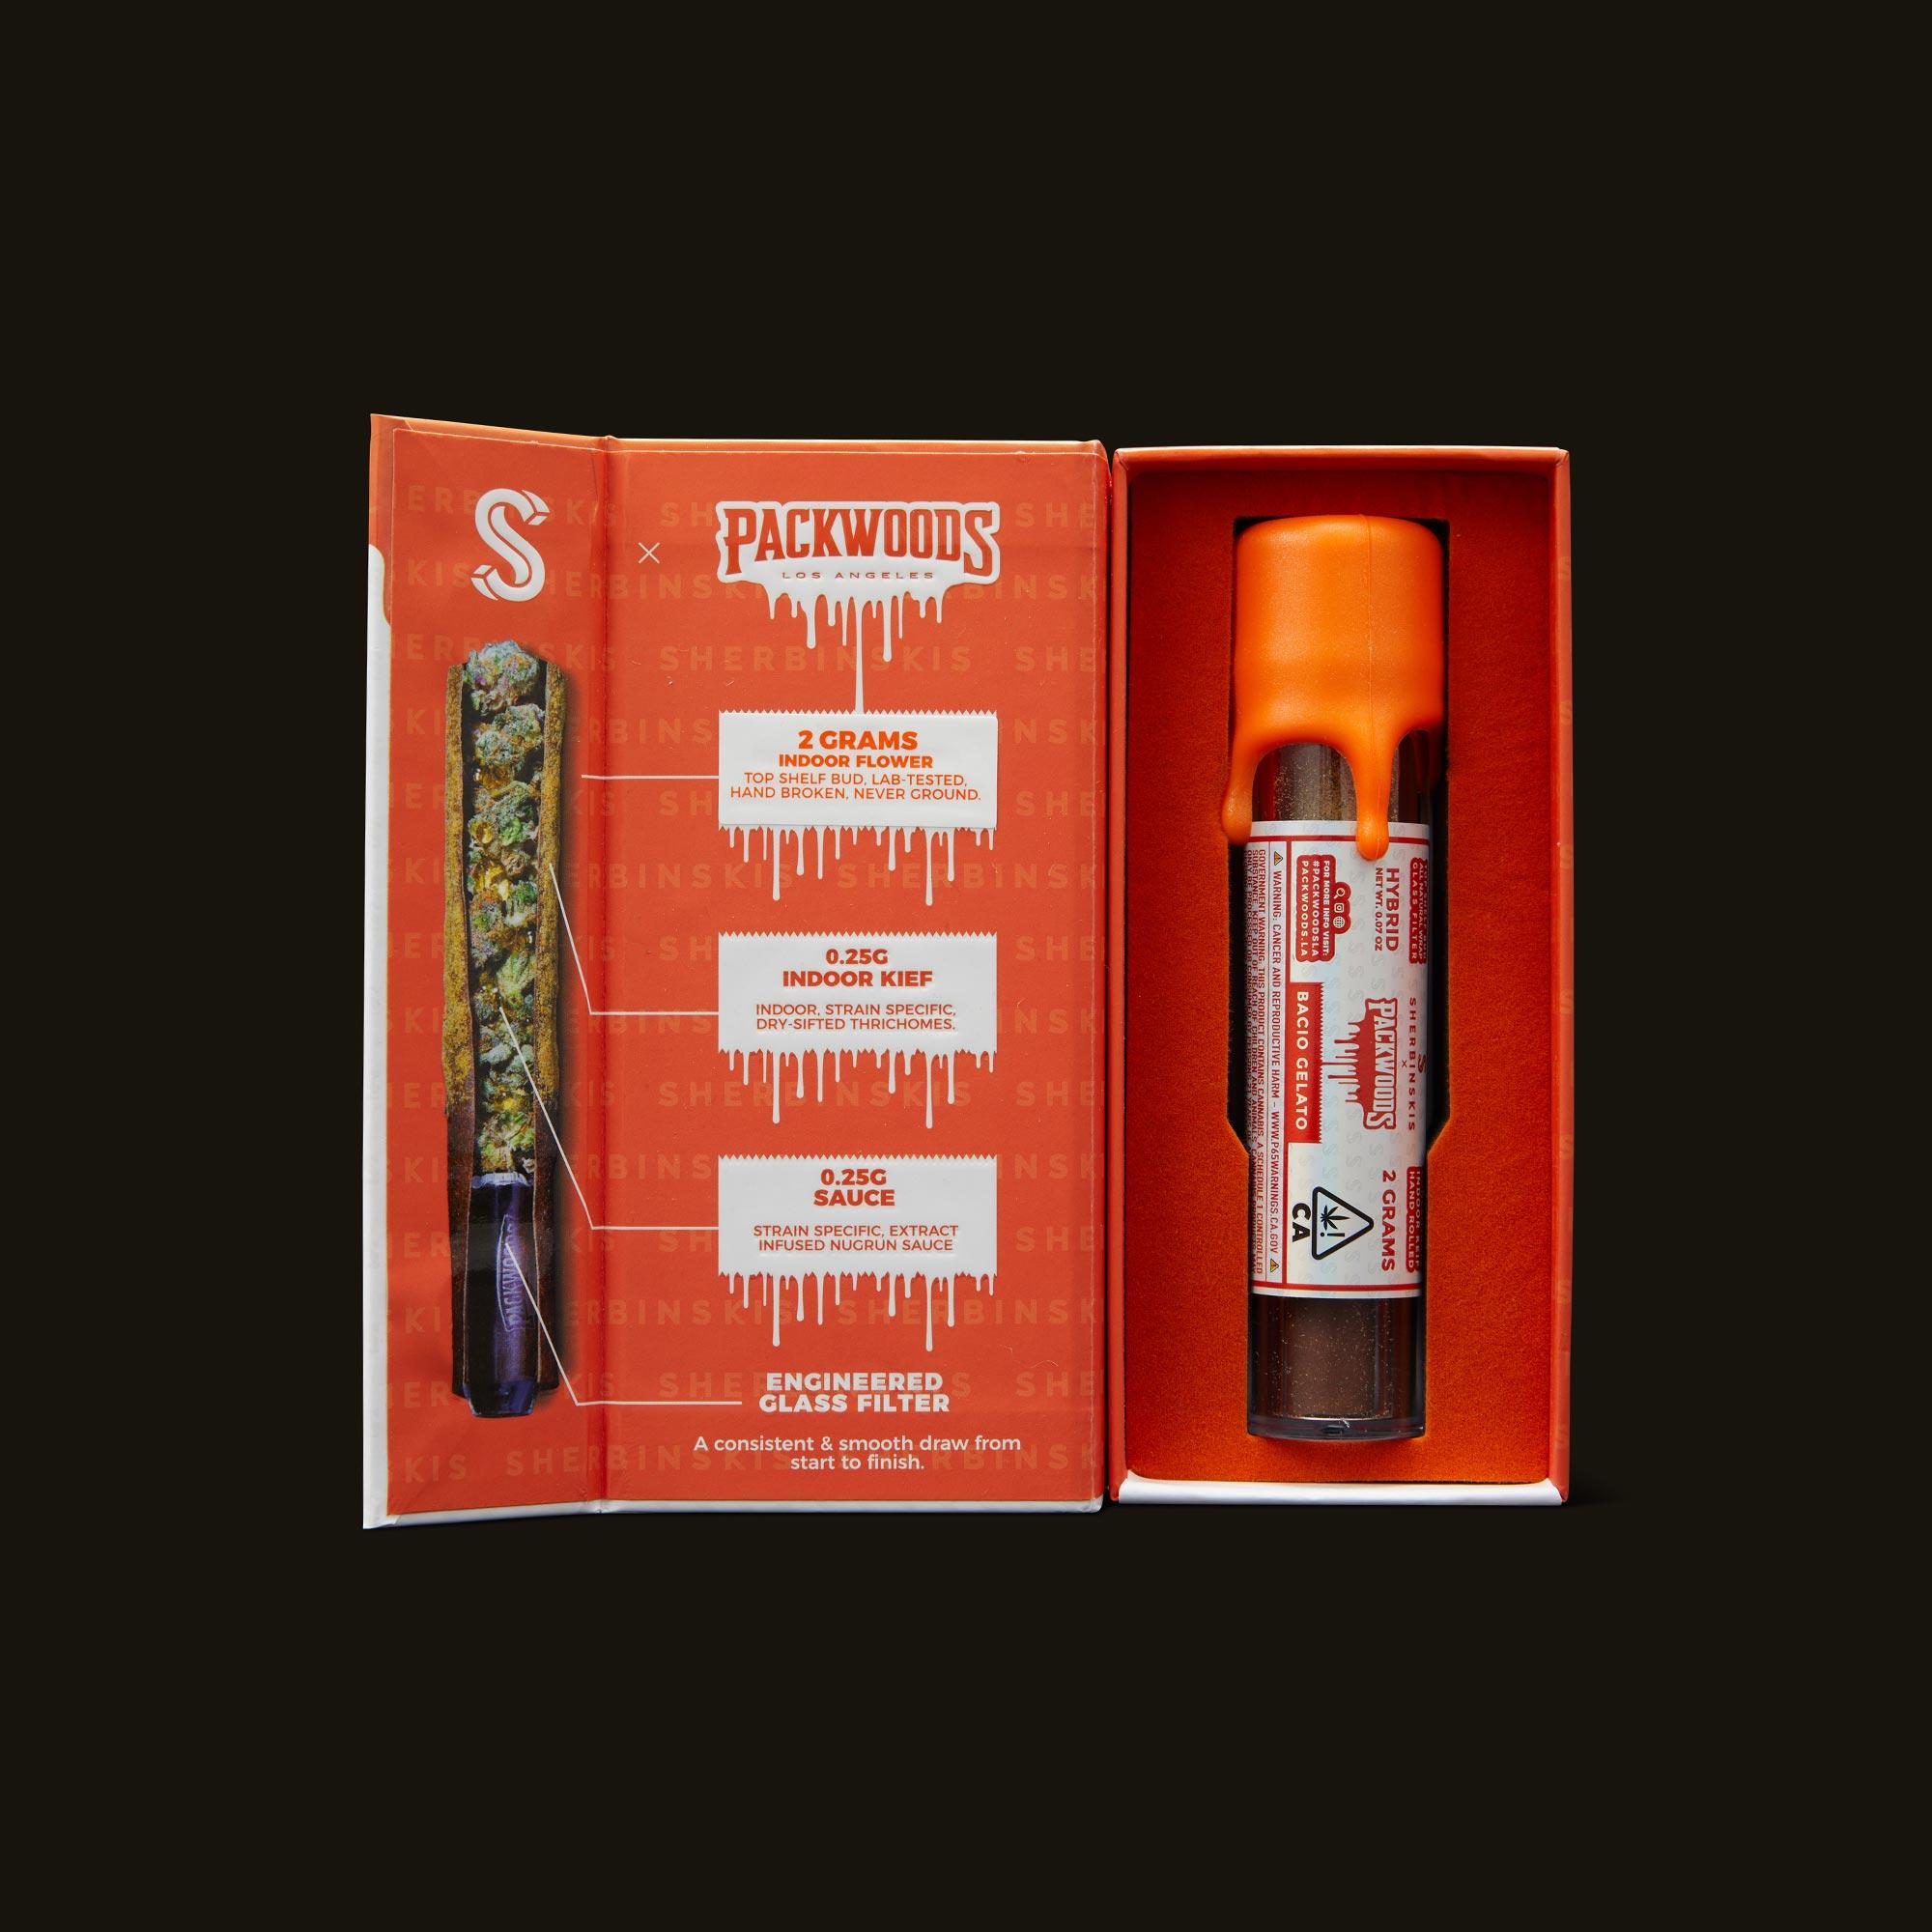 Packwoods Sherbinskis x Packwoods Bacio Gelato Blunt Inner Packaging